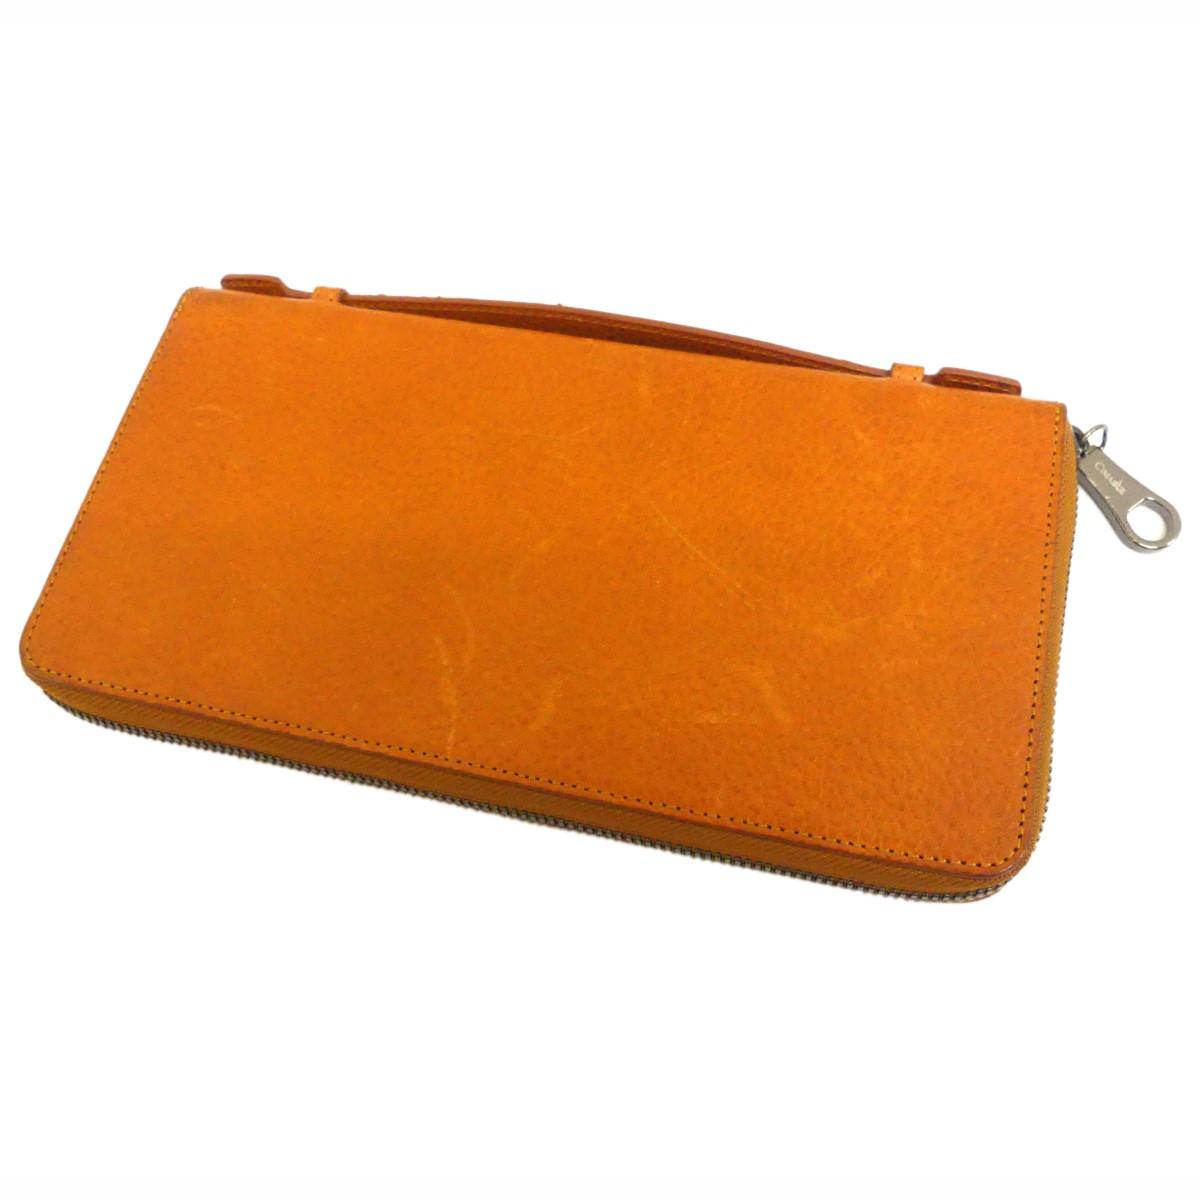 【中古】CIMABUE Shrunken Calf 長財布 オレンジ サイズ:- 【030120】(チマブエ)